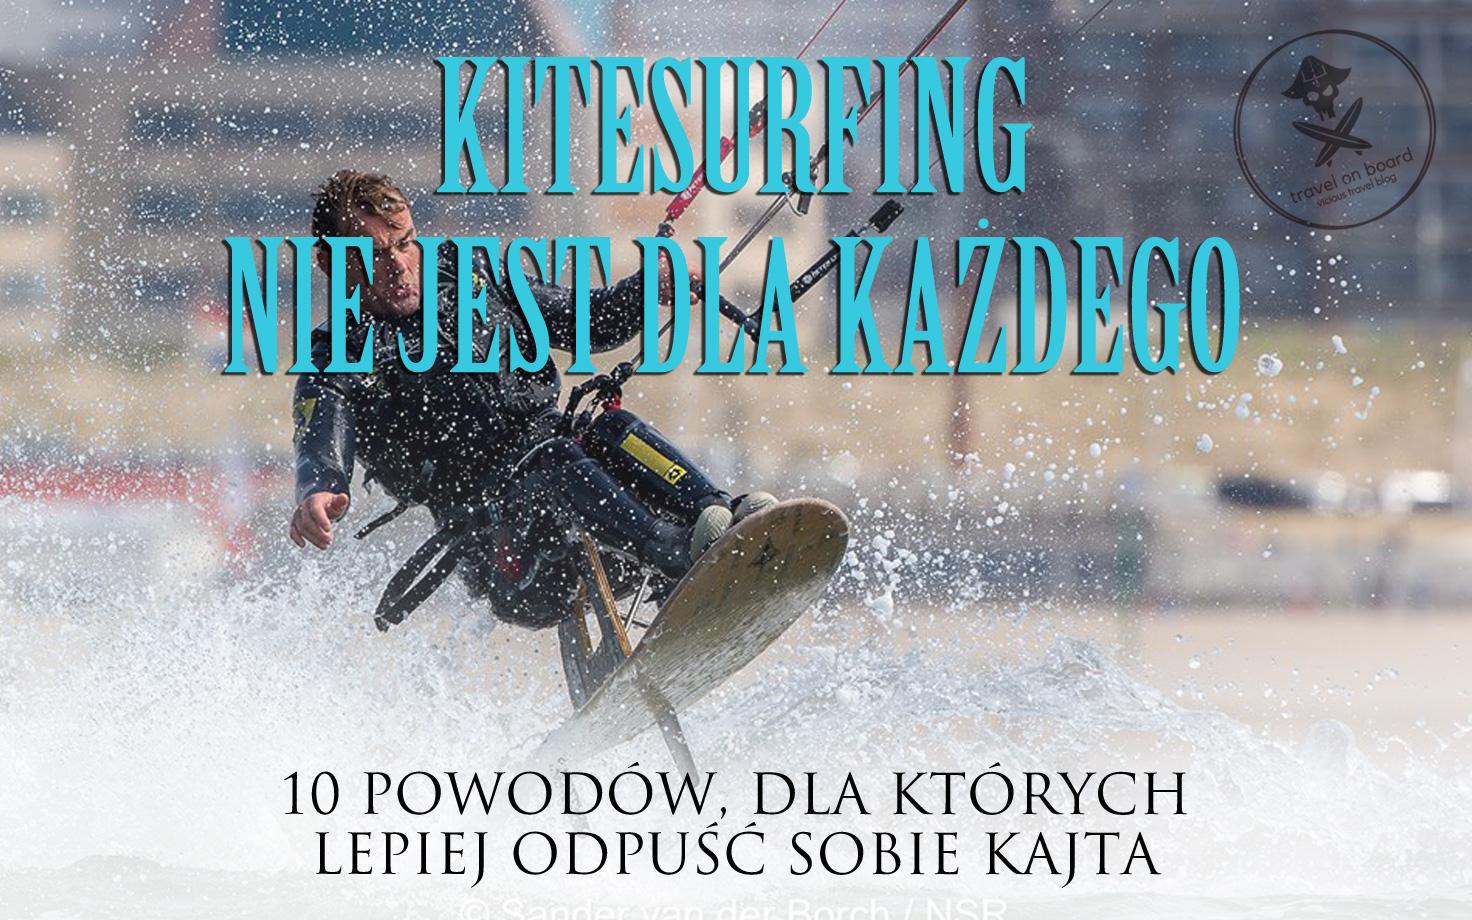 kitesurfing to nie sport dla kazdego 10 powodów